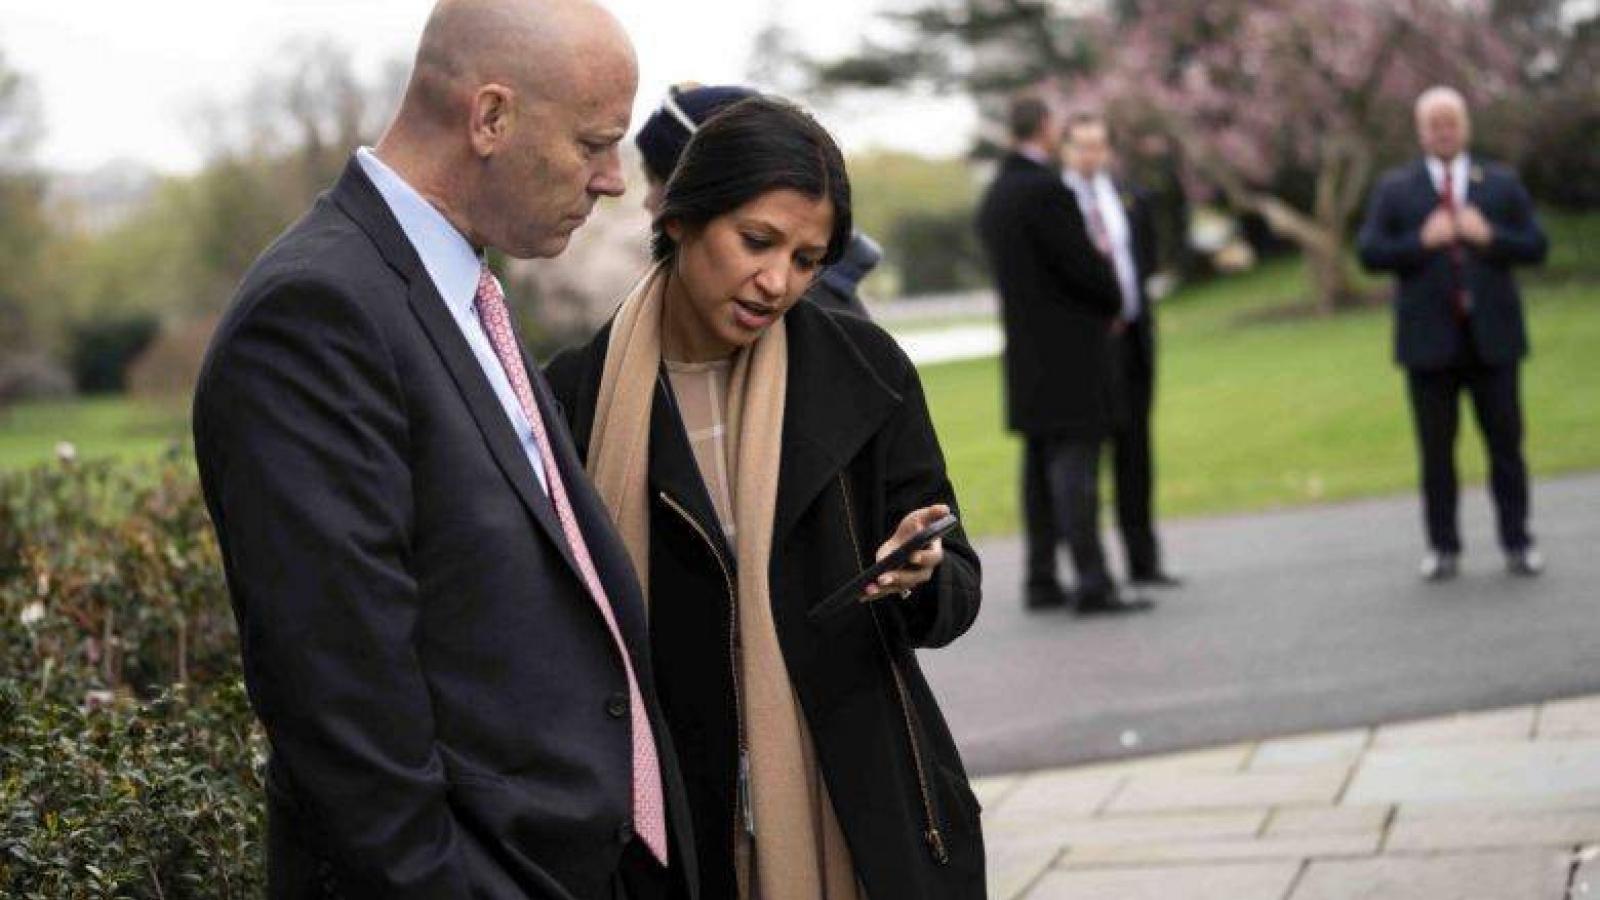 Thư ký báo chí Phó Tổng thống Mỹ đi làm trở lại sau khi khỏi Covid-19